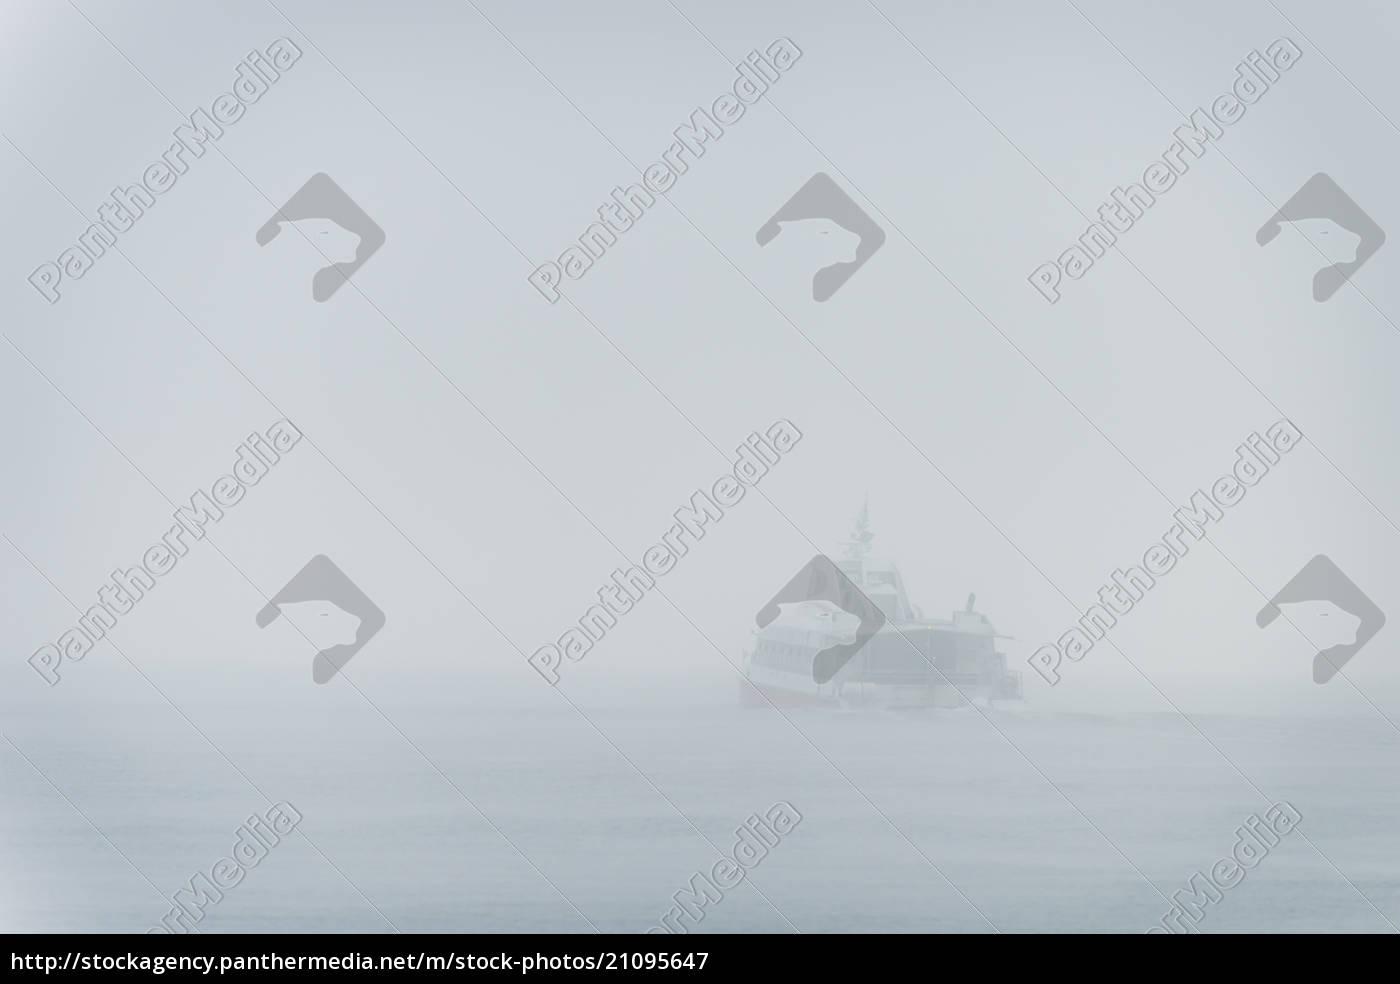 alemanha, baden-wuerttemberg, constance, lago, constança, na, névoa, da, manhã, catamarã - 21095647